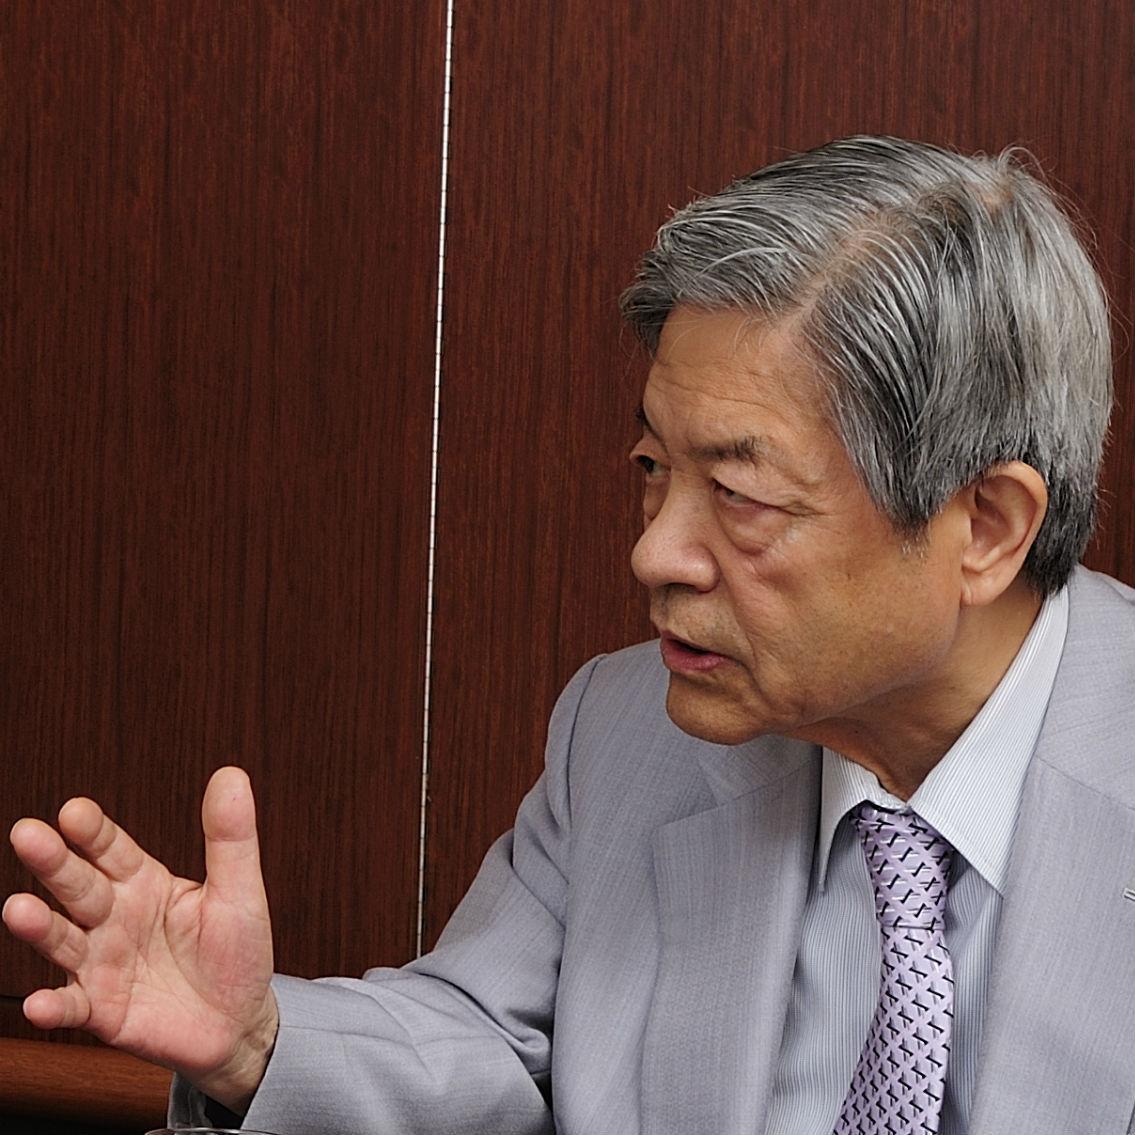 失脚以来6年ぶりになる田中角栄へのインタビュー